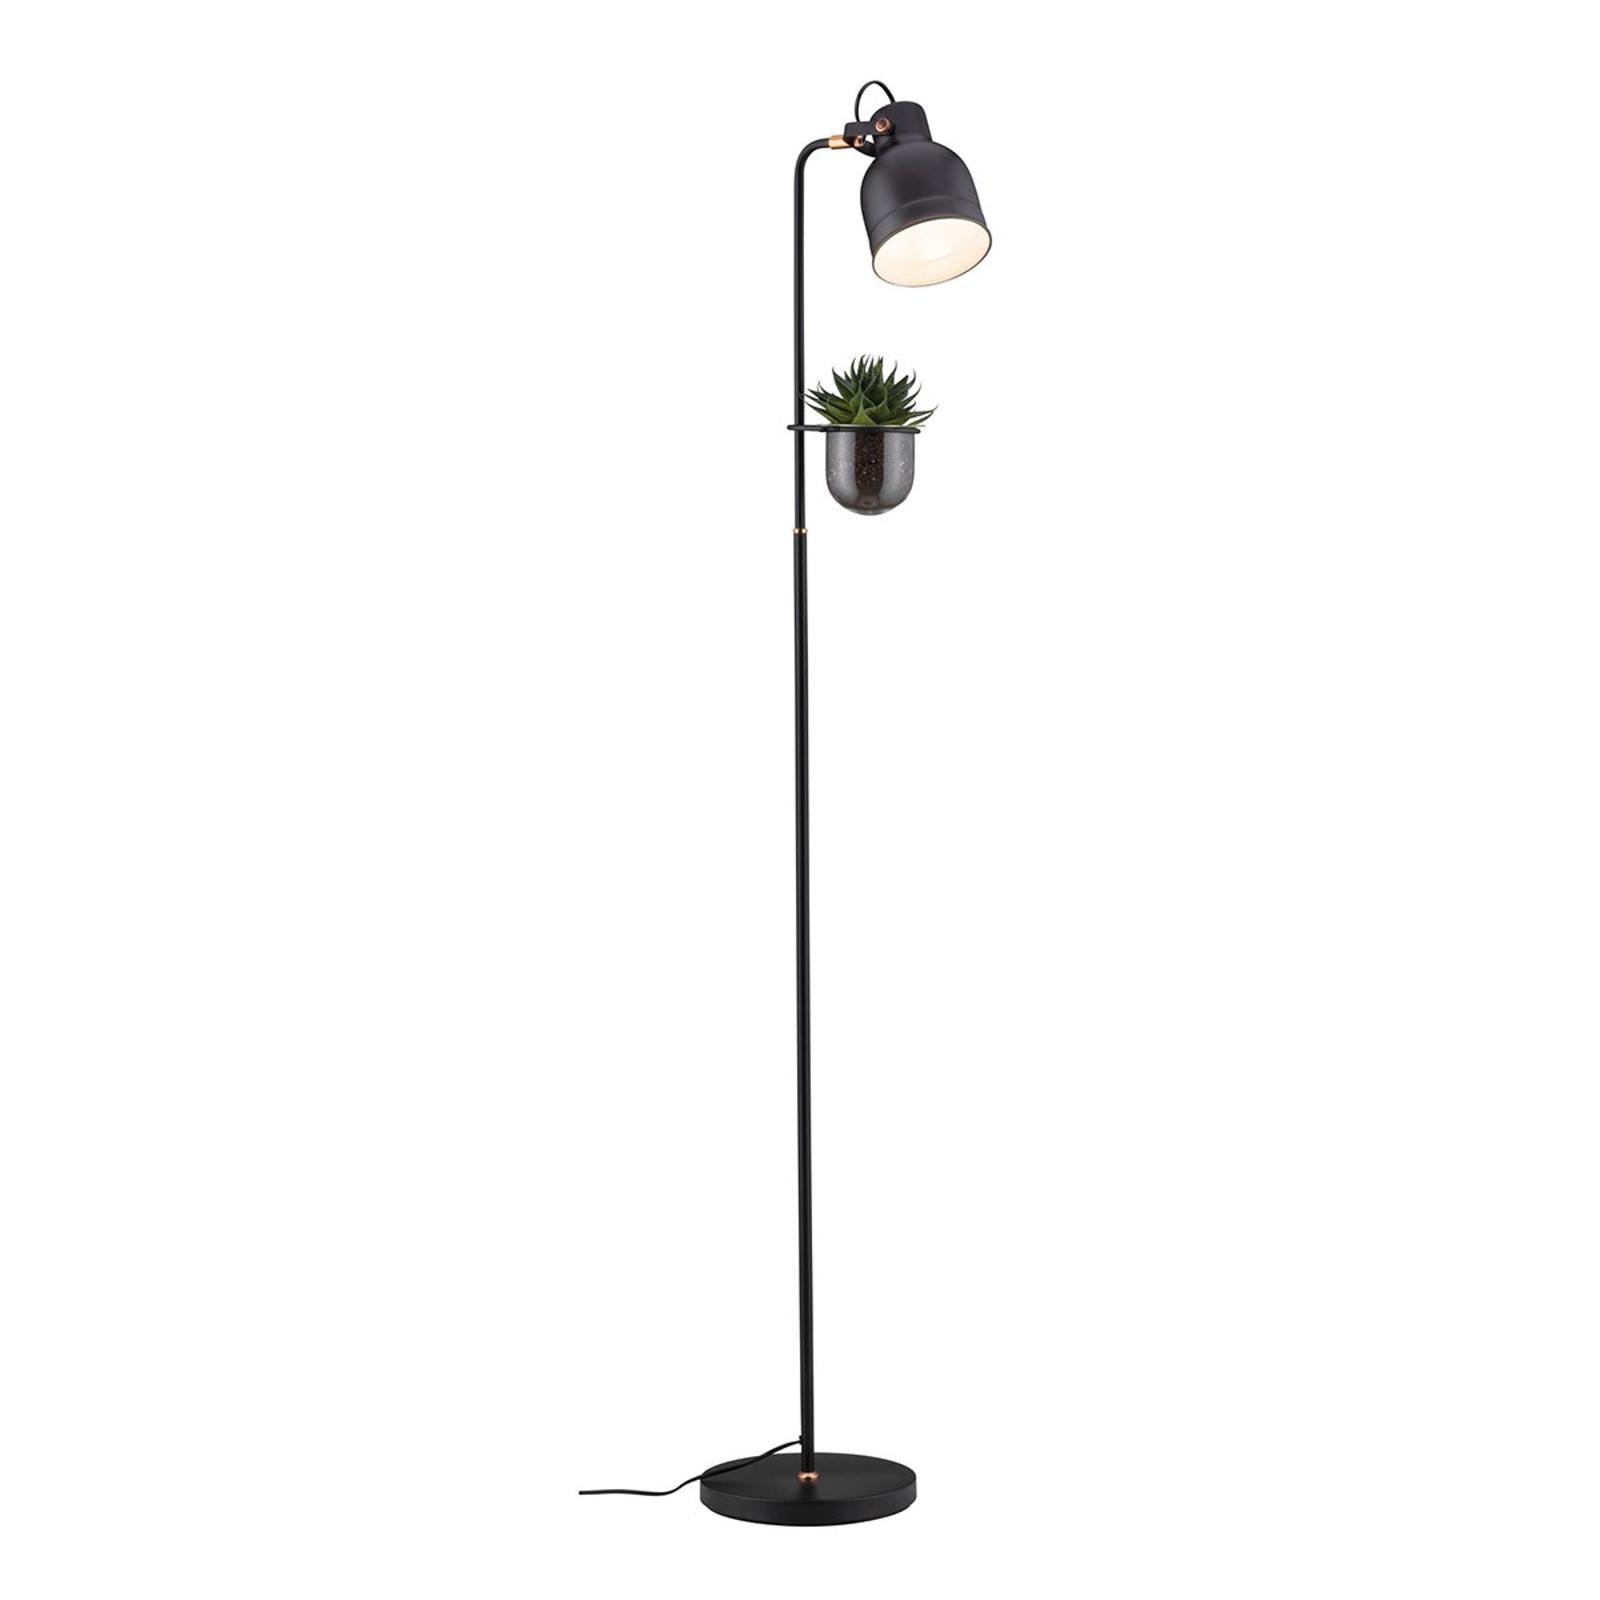 Paulmann lampadaire Elric avec pot de fleur